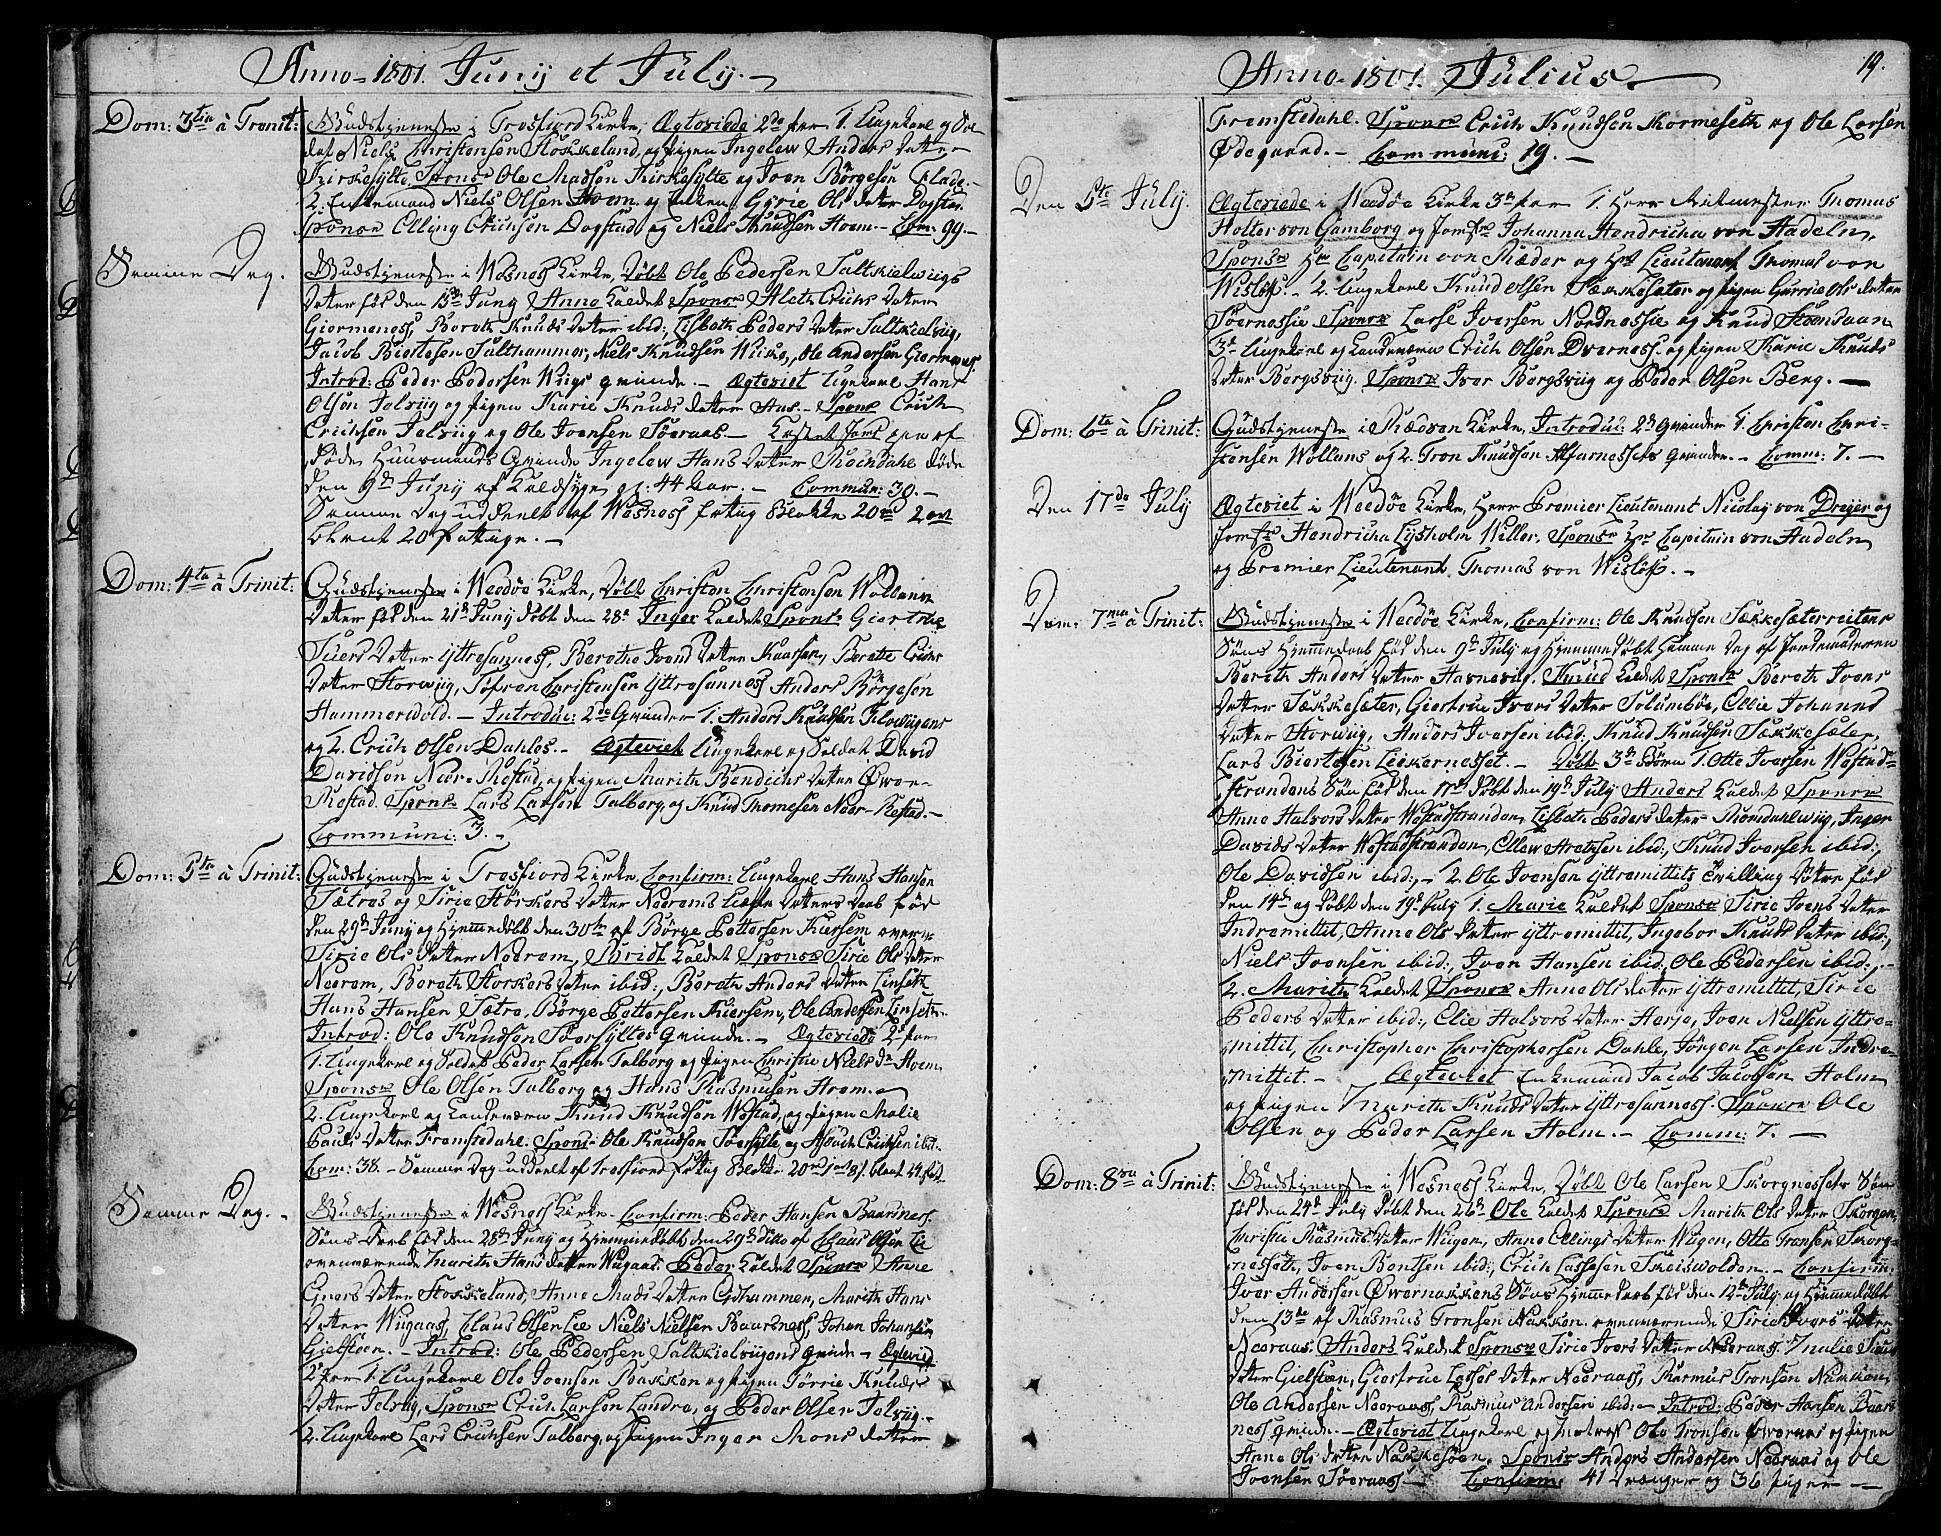 SAT, Ministerialprotokoller, klokkerbøker og fødselsregistre - Møre og Romsdal, 547/L0601: Ministerialbok nr. 547A03, 1799-1818, s. 19